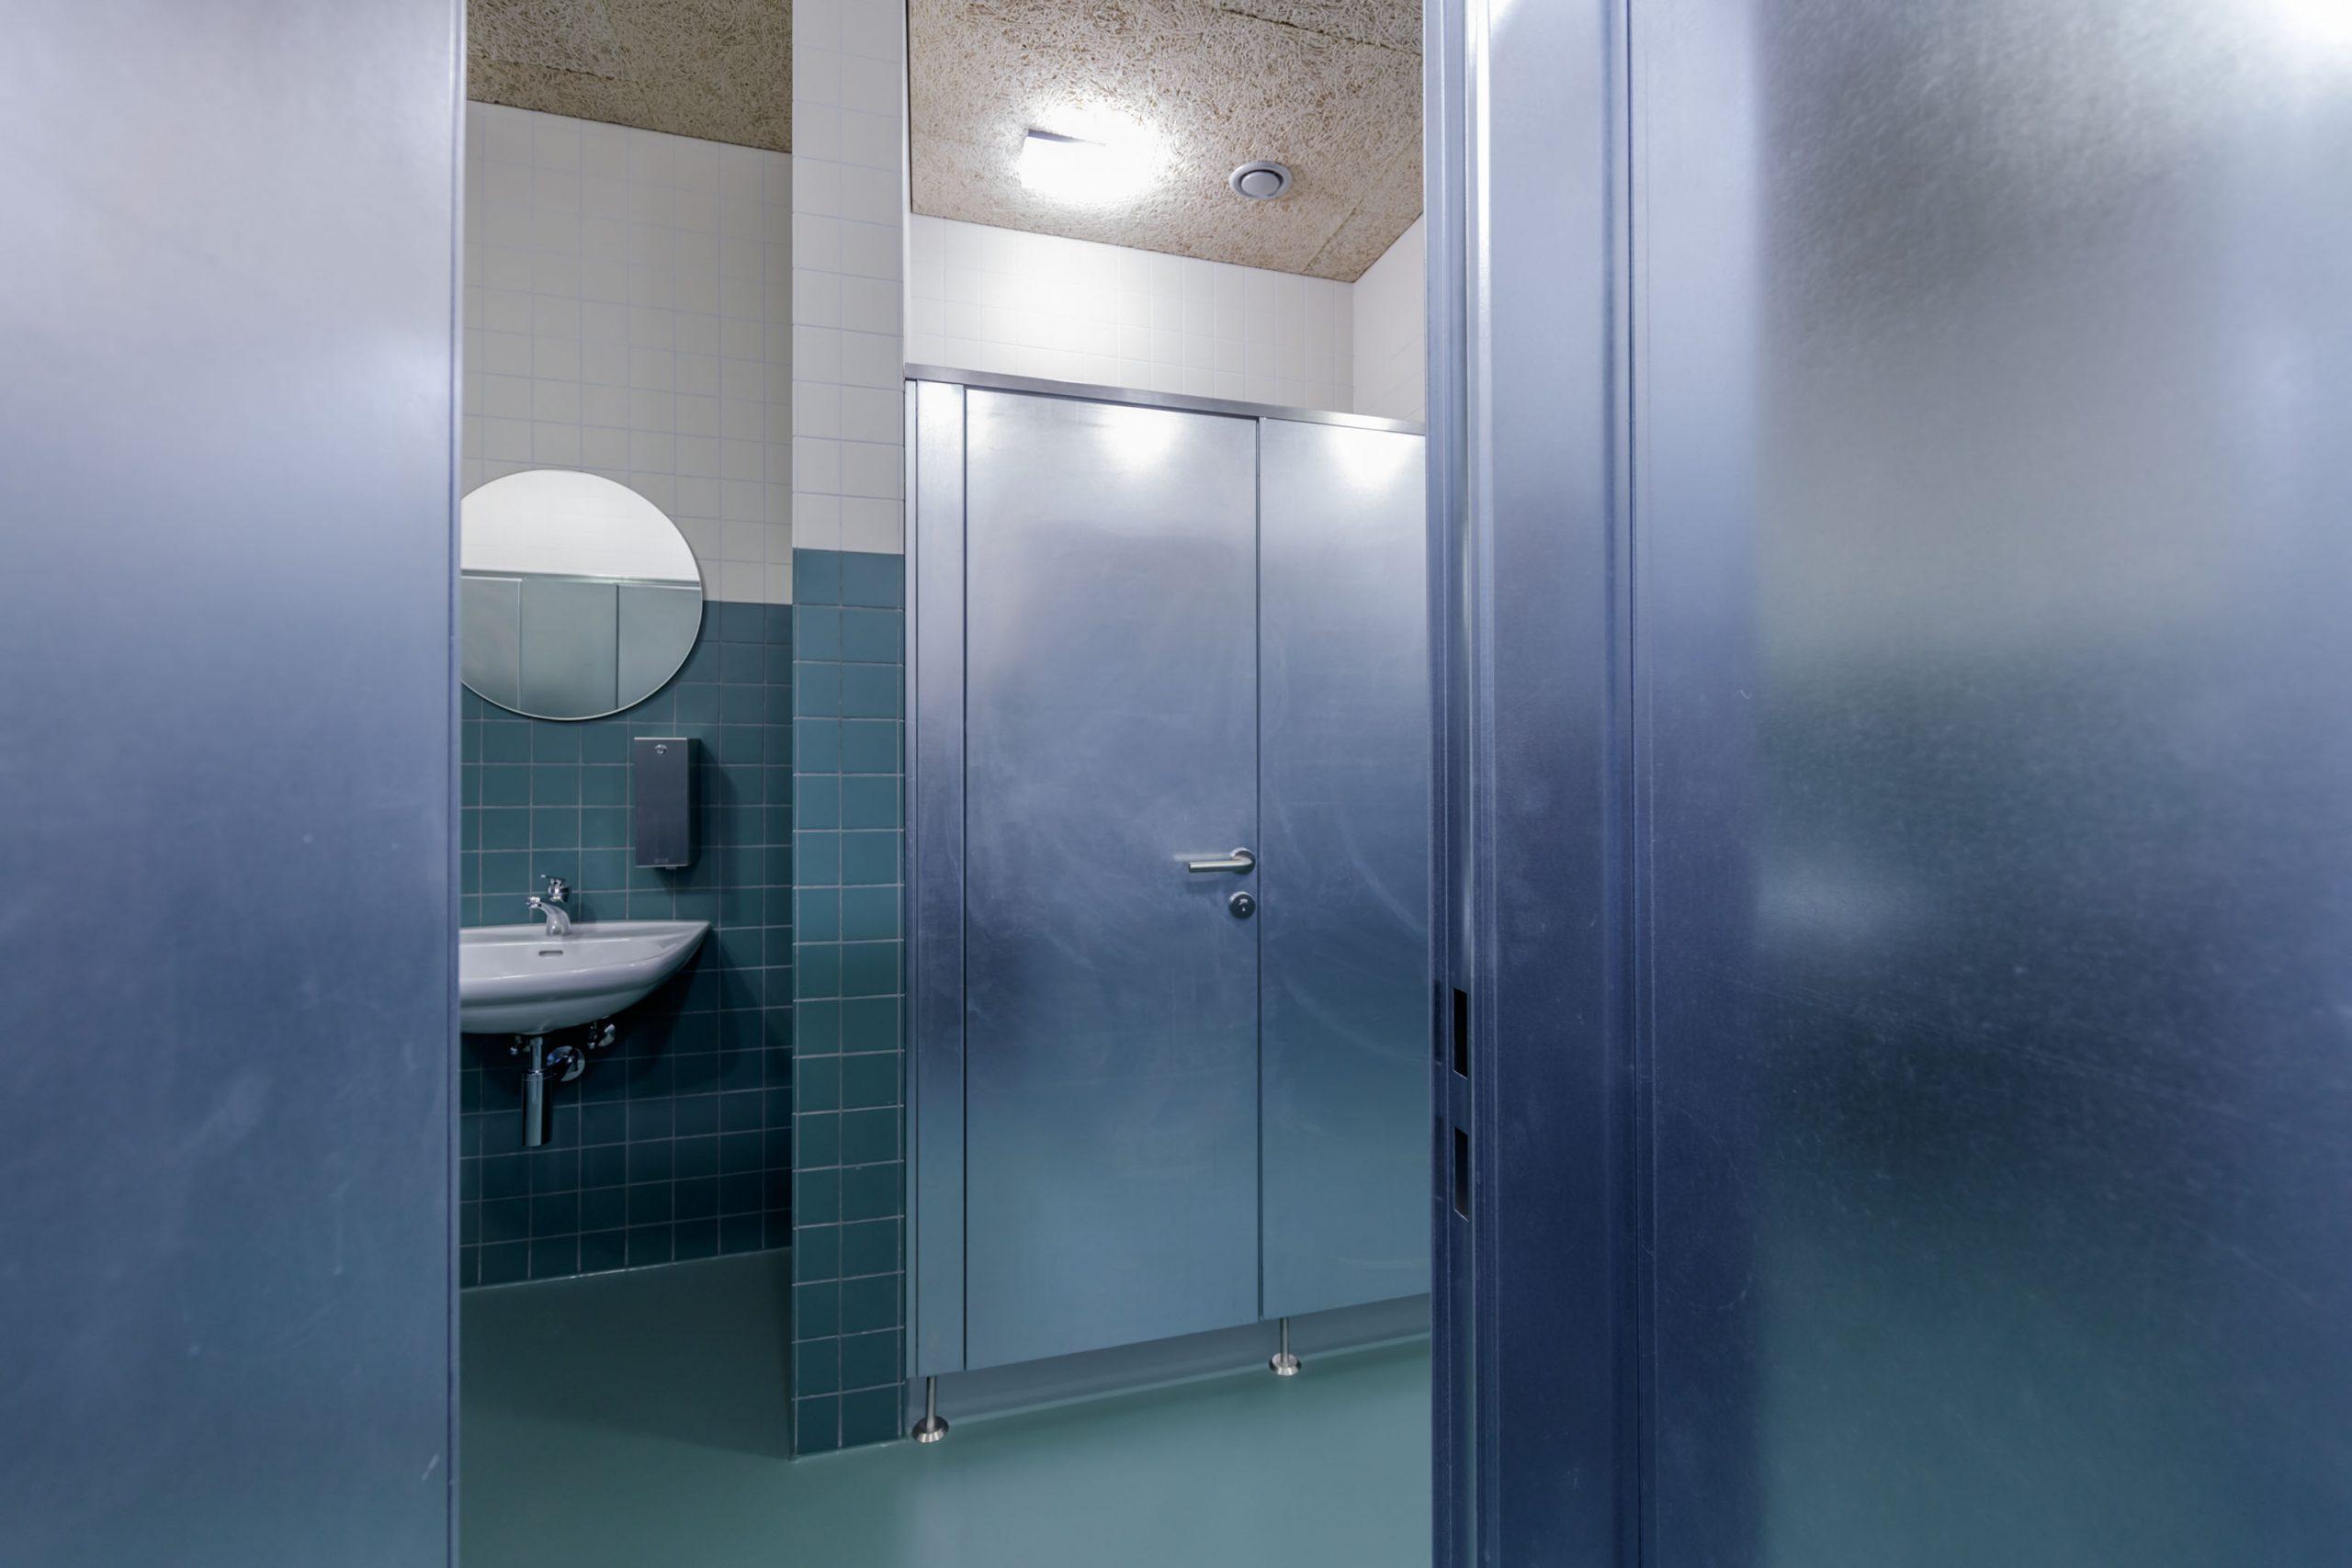 Trennwände aus verzinktem Stahlblech in einer Toilette